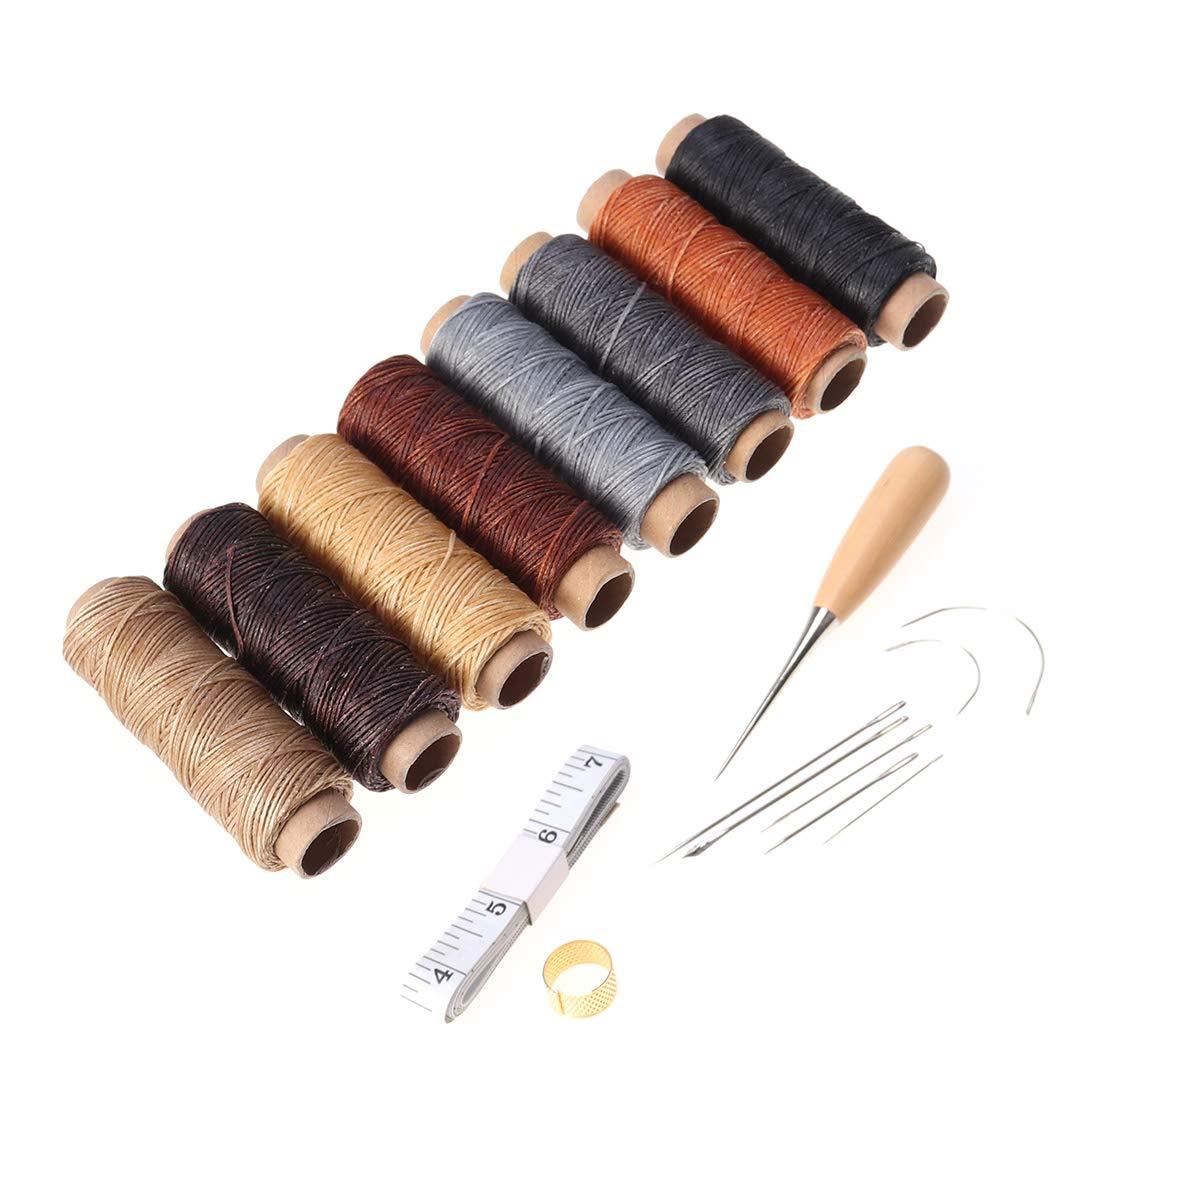 Vosarea 18-teiliges Set aus Leder Handarbeit mit Nadeln zum Nä hen von Hand Bohren gewachst und Wü rfel zum Nä hen